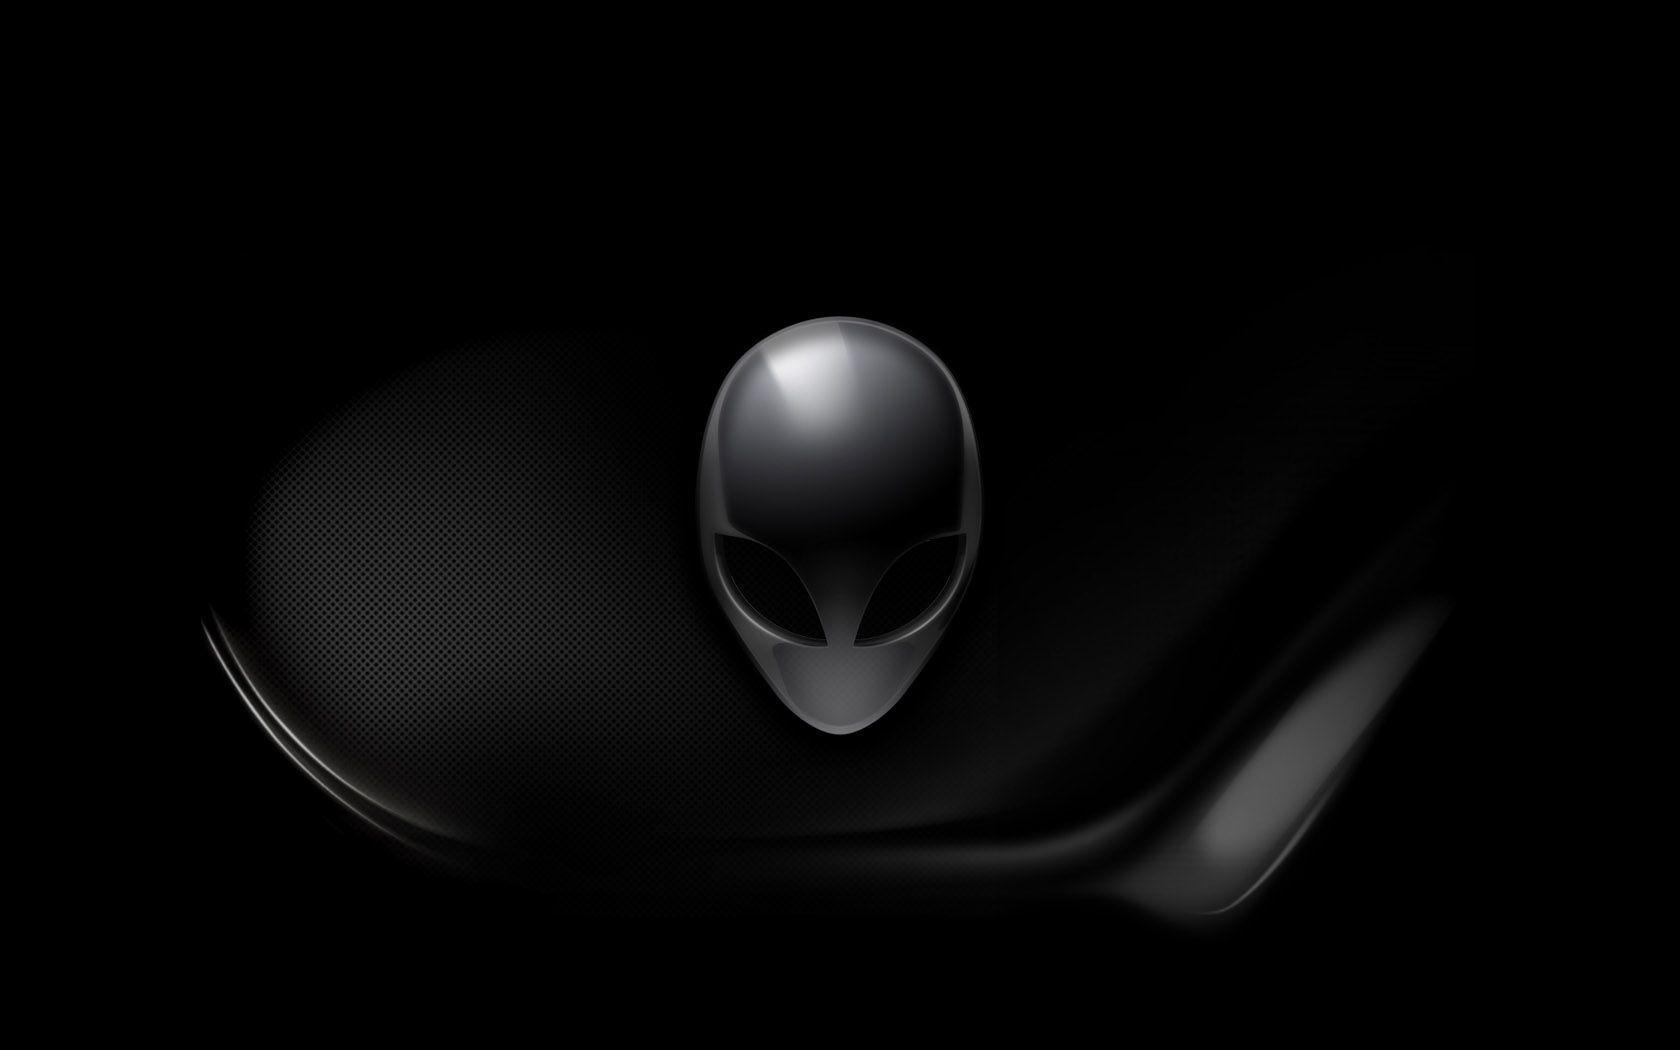 Hình nền đen quái vật ngoài hành tinh